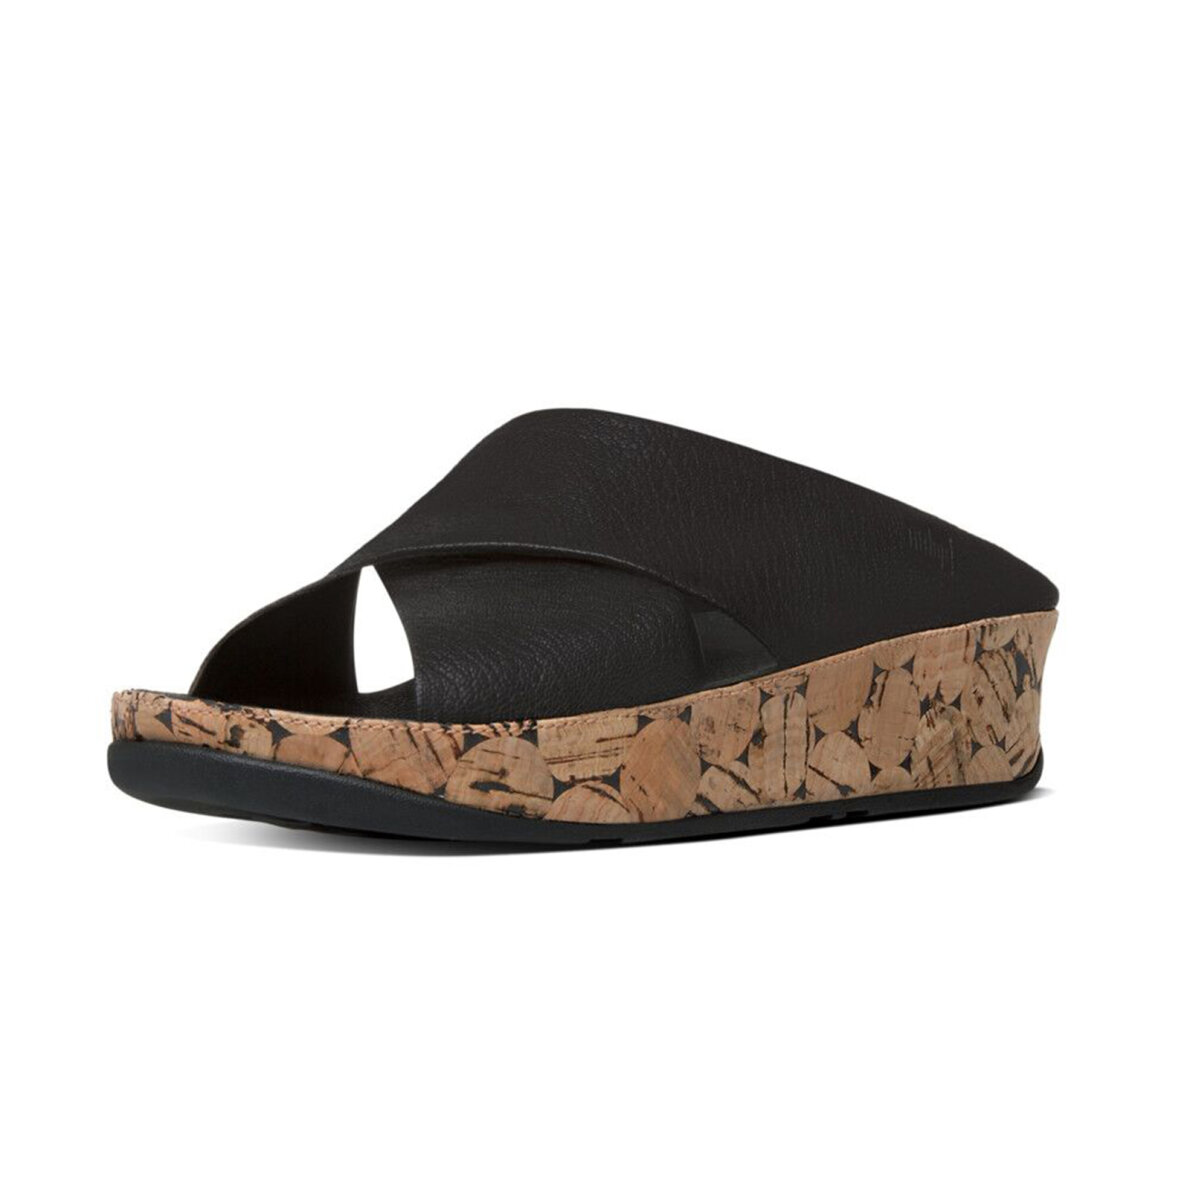 24cf336a96b1 Fitflop KYS KORK All Black sandal - Køb på Piedi.dk